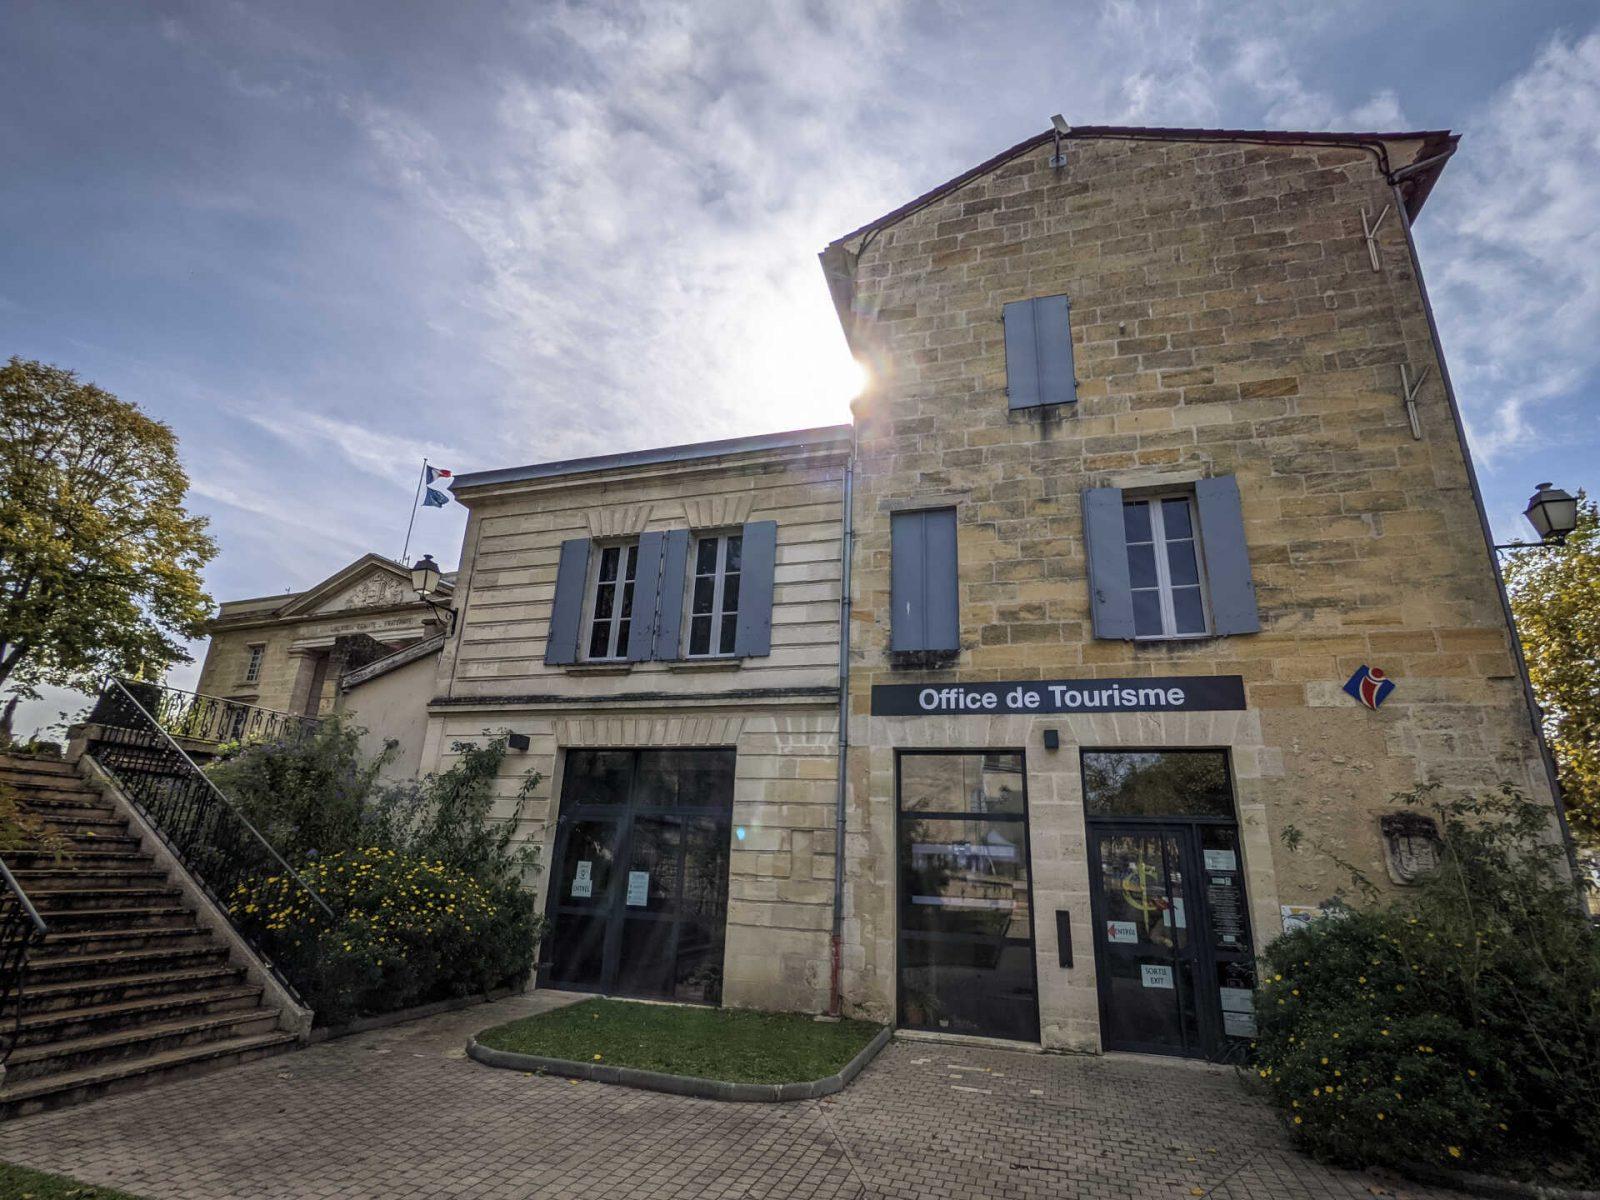 Bureau d'Information Touristique de Castillon-la-Bataille – Office de Tourisme C